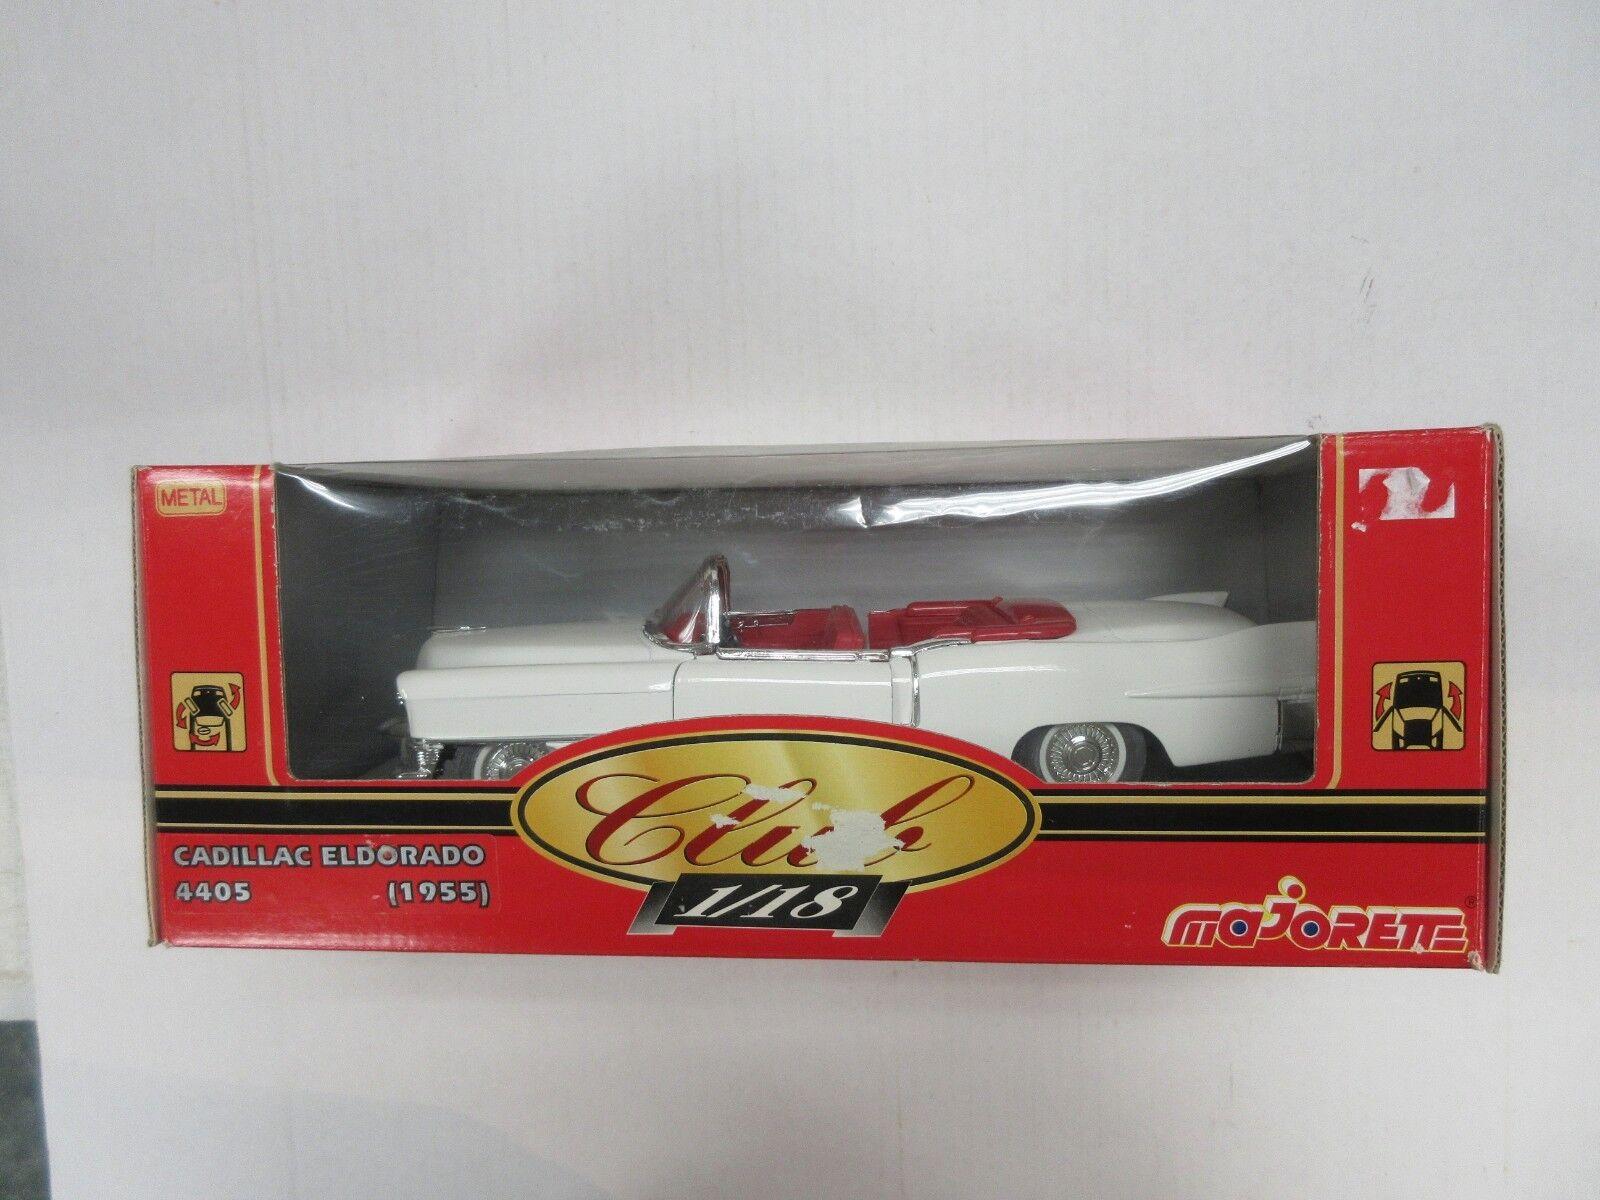 MAJORETTE CLUB 1 18 SCALE 1955 CADILLAC ELDORADO 4405 CAR W  BOX